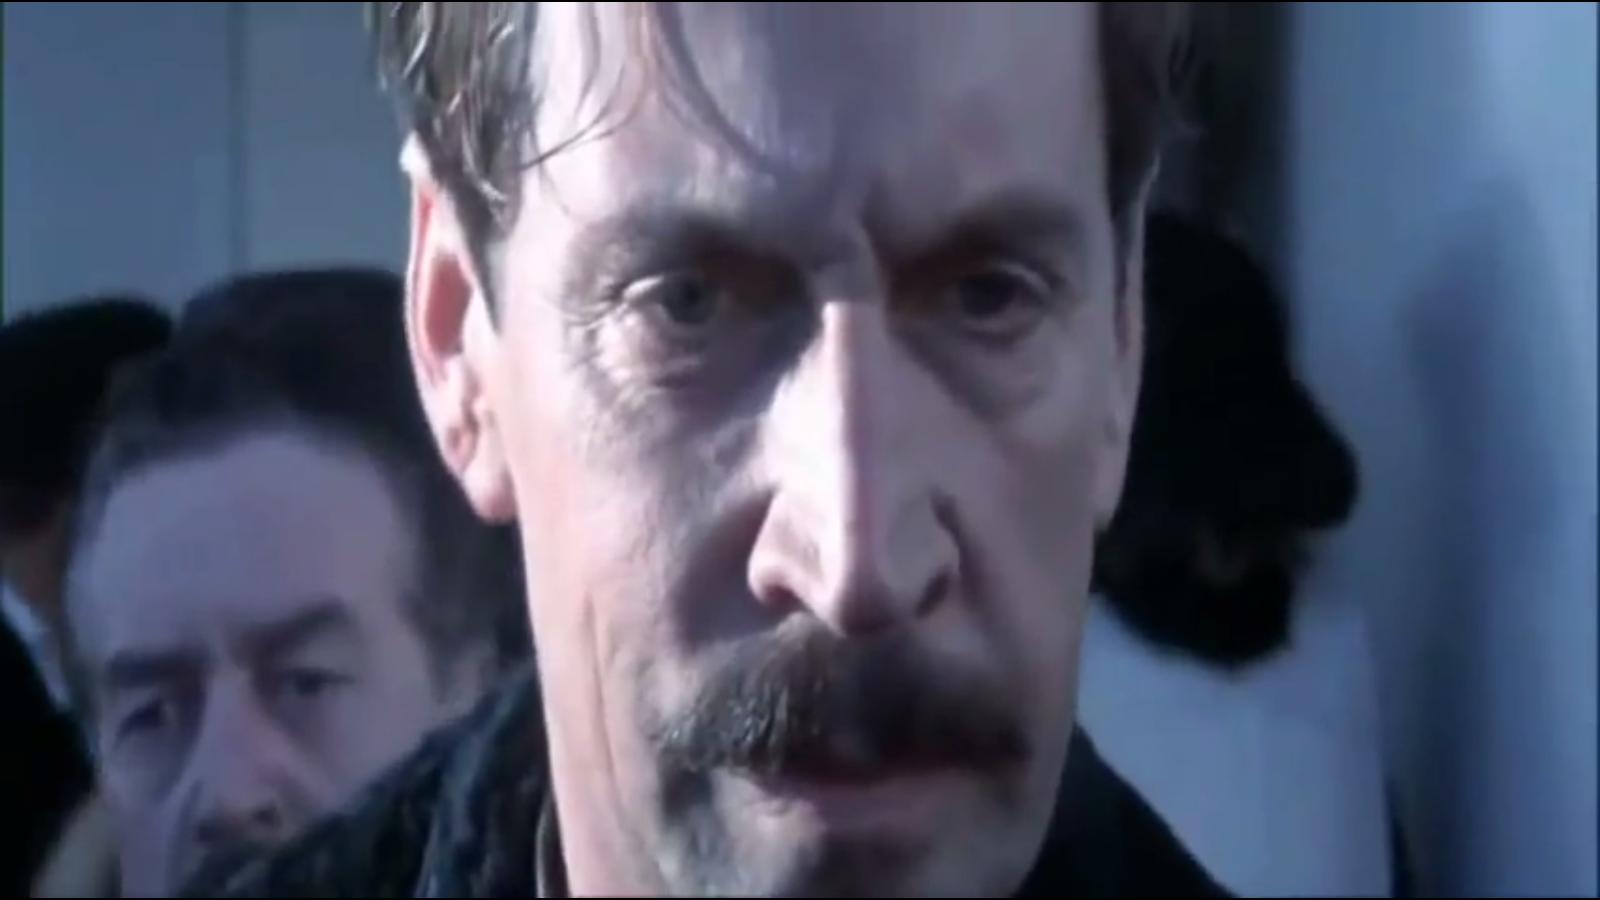 Sau 20 năm, siêu phẩm Titanic một lần nữa ám ảnh người xem khi tung ra đoạn phim bị cắt đầy bi thương - Ảnh 4.